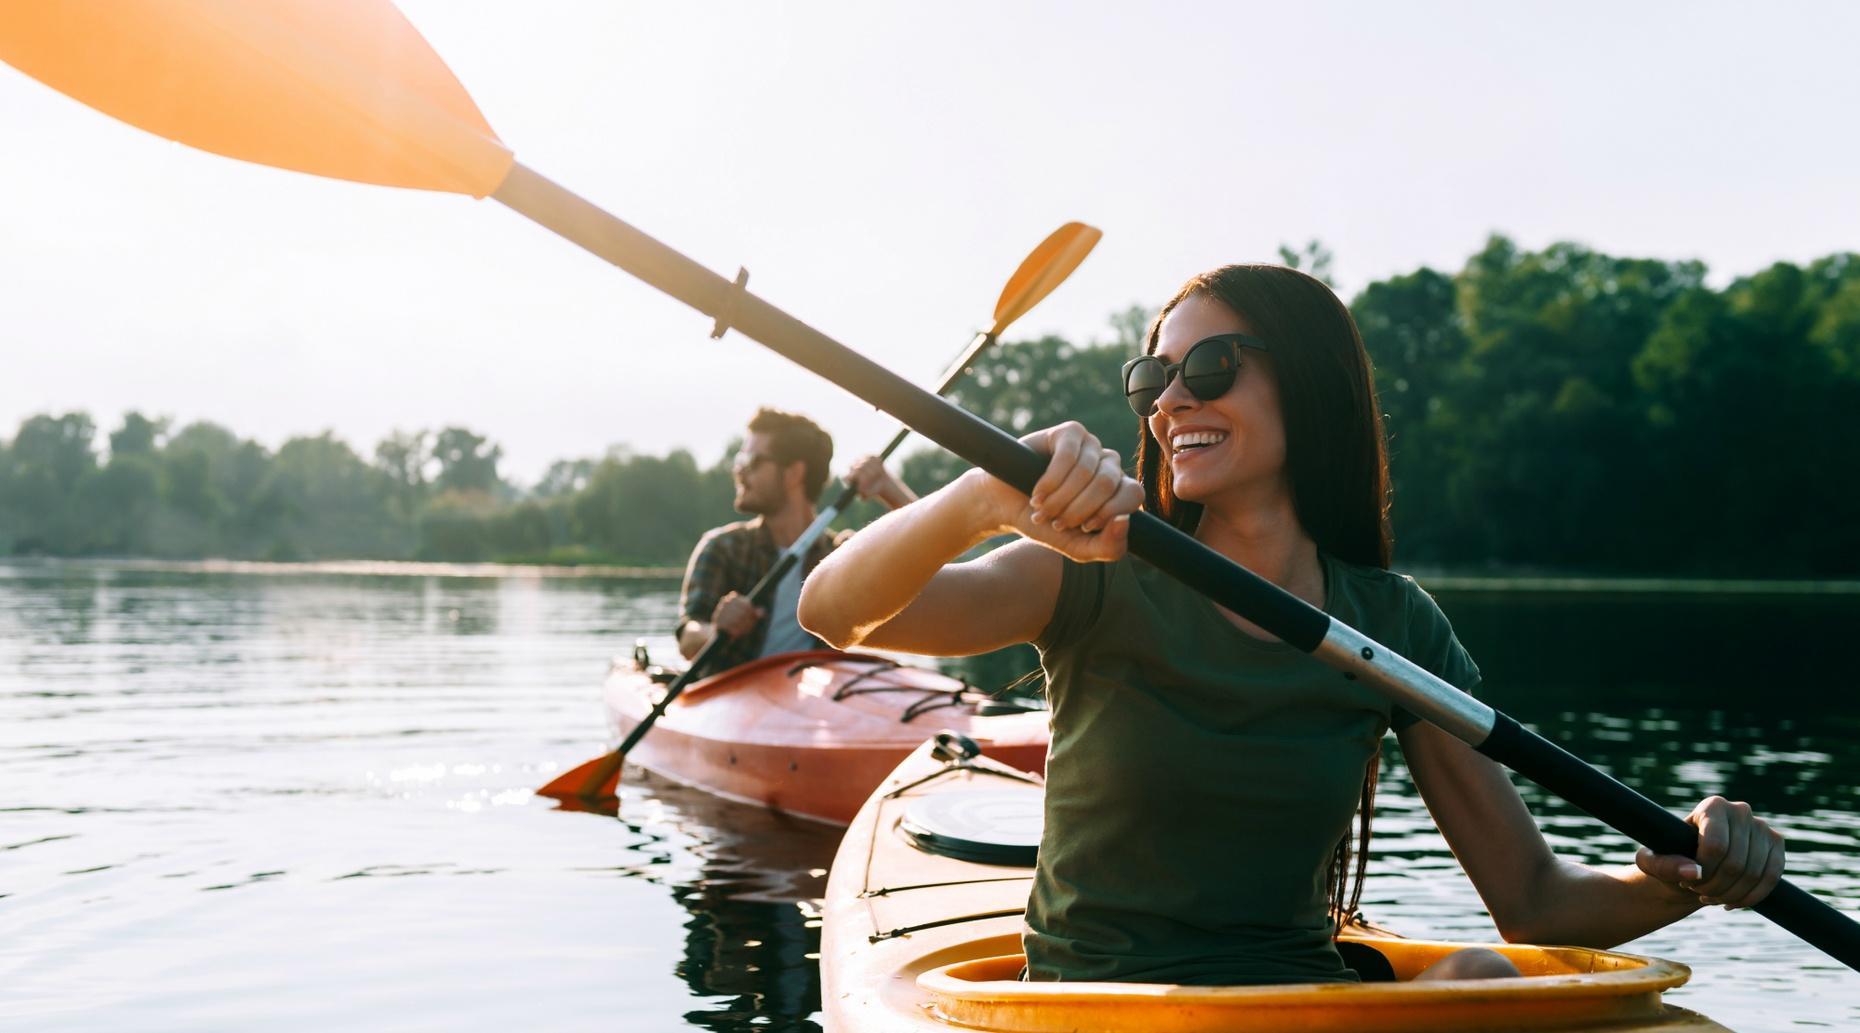 Kayak Rental on Saguaro Lake